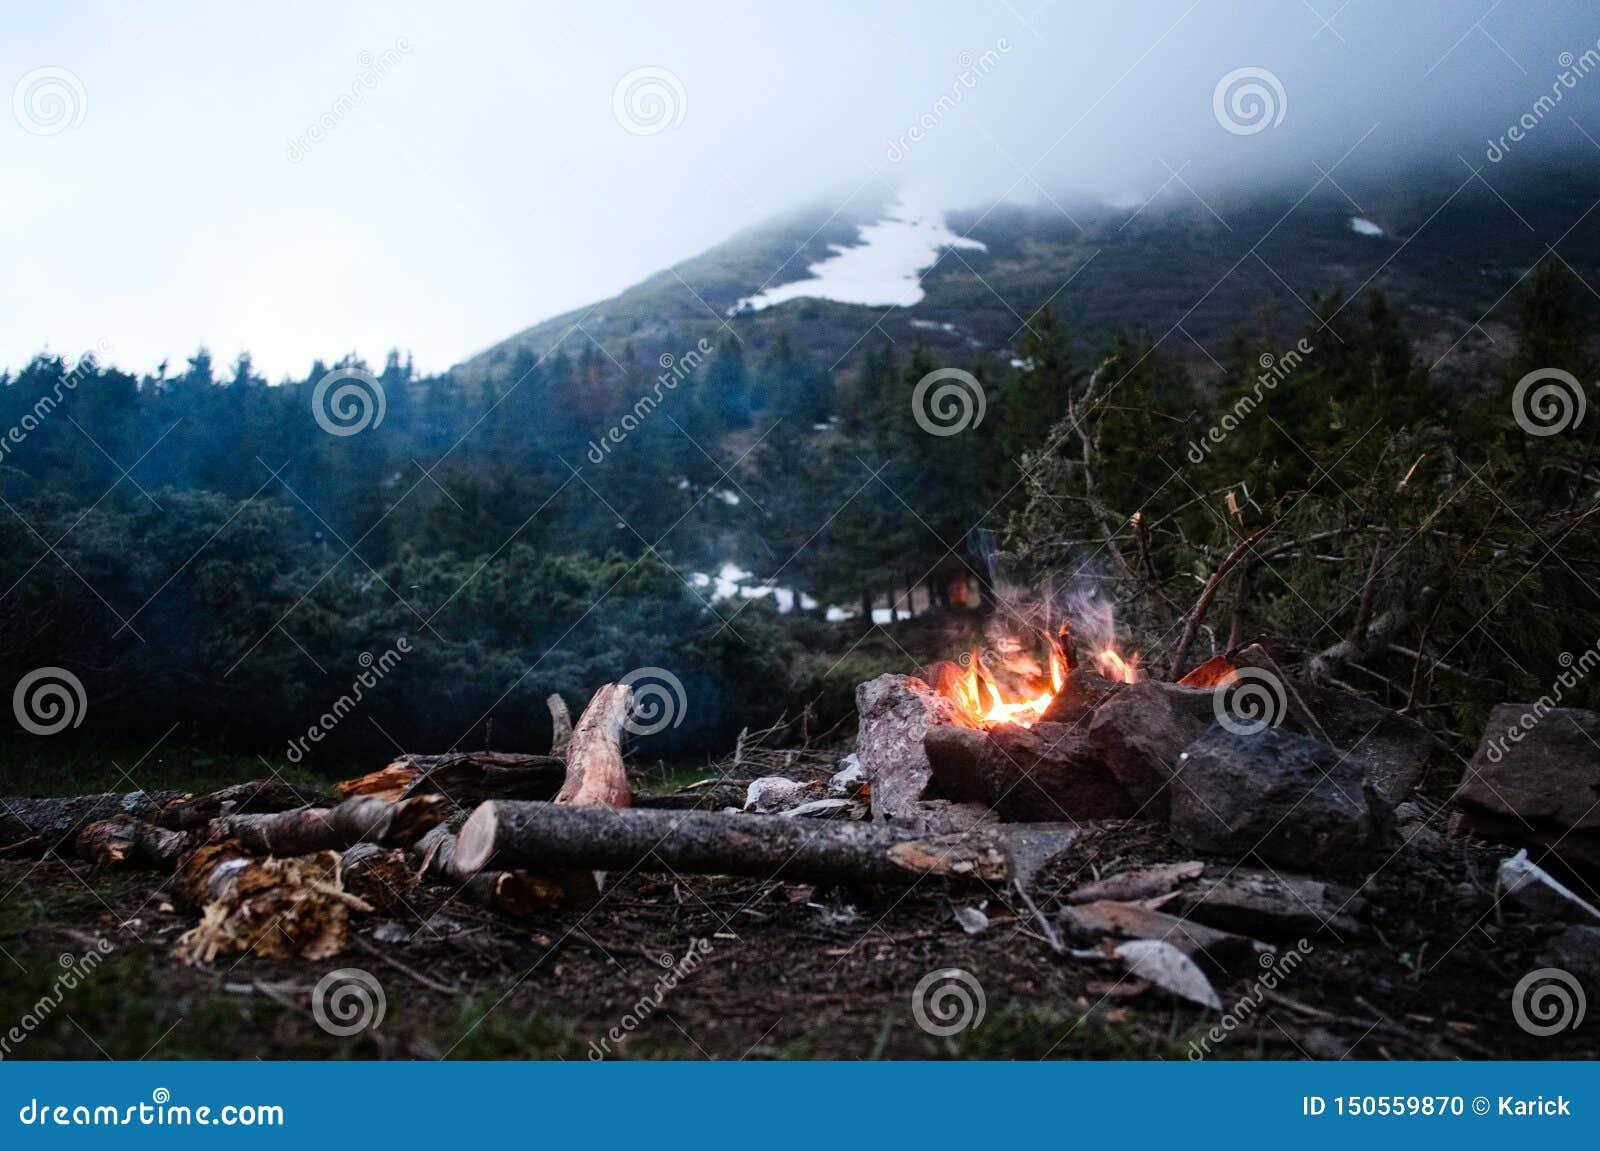 Vlammend vuur in kamp tijdens wandeling in Karpatische bergen